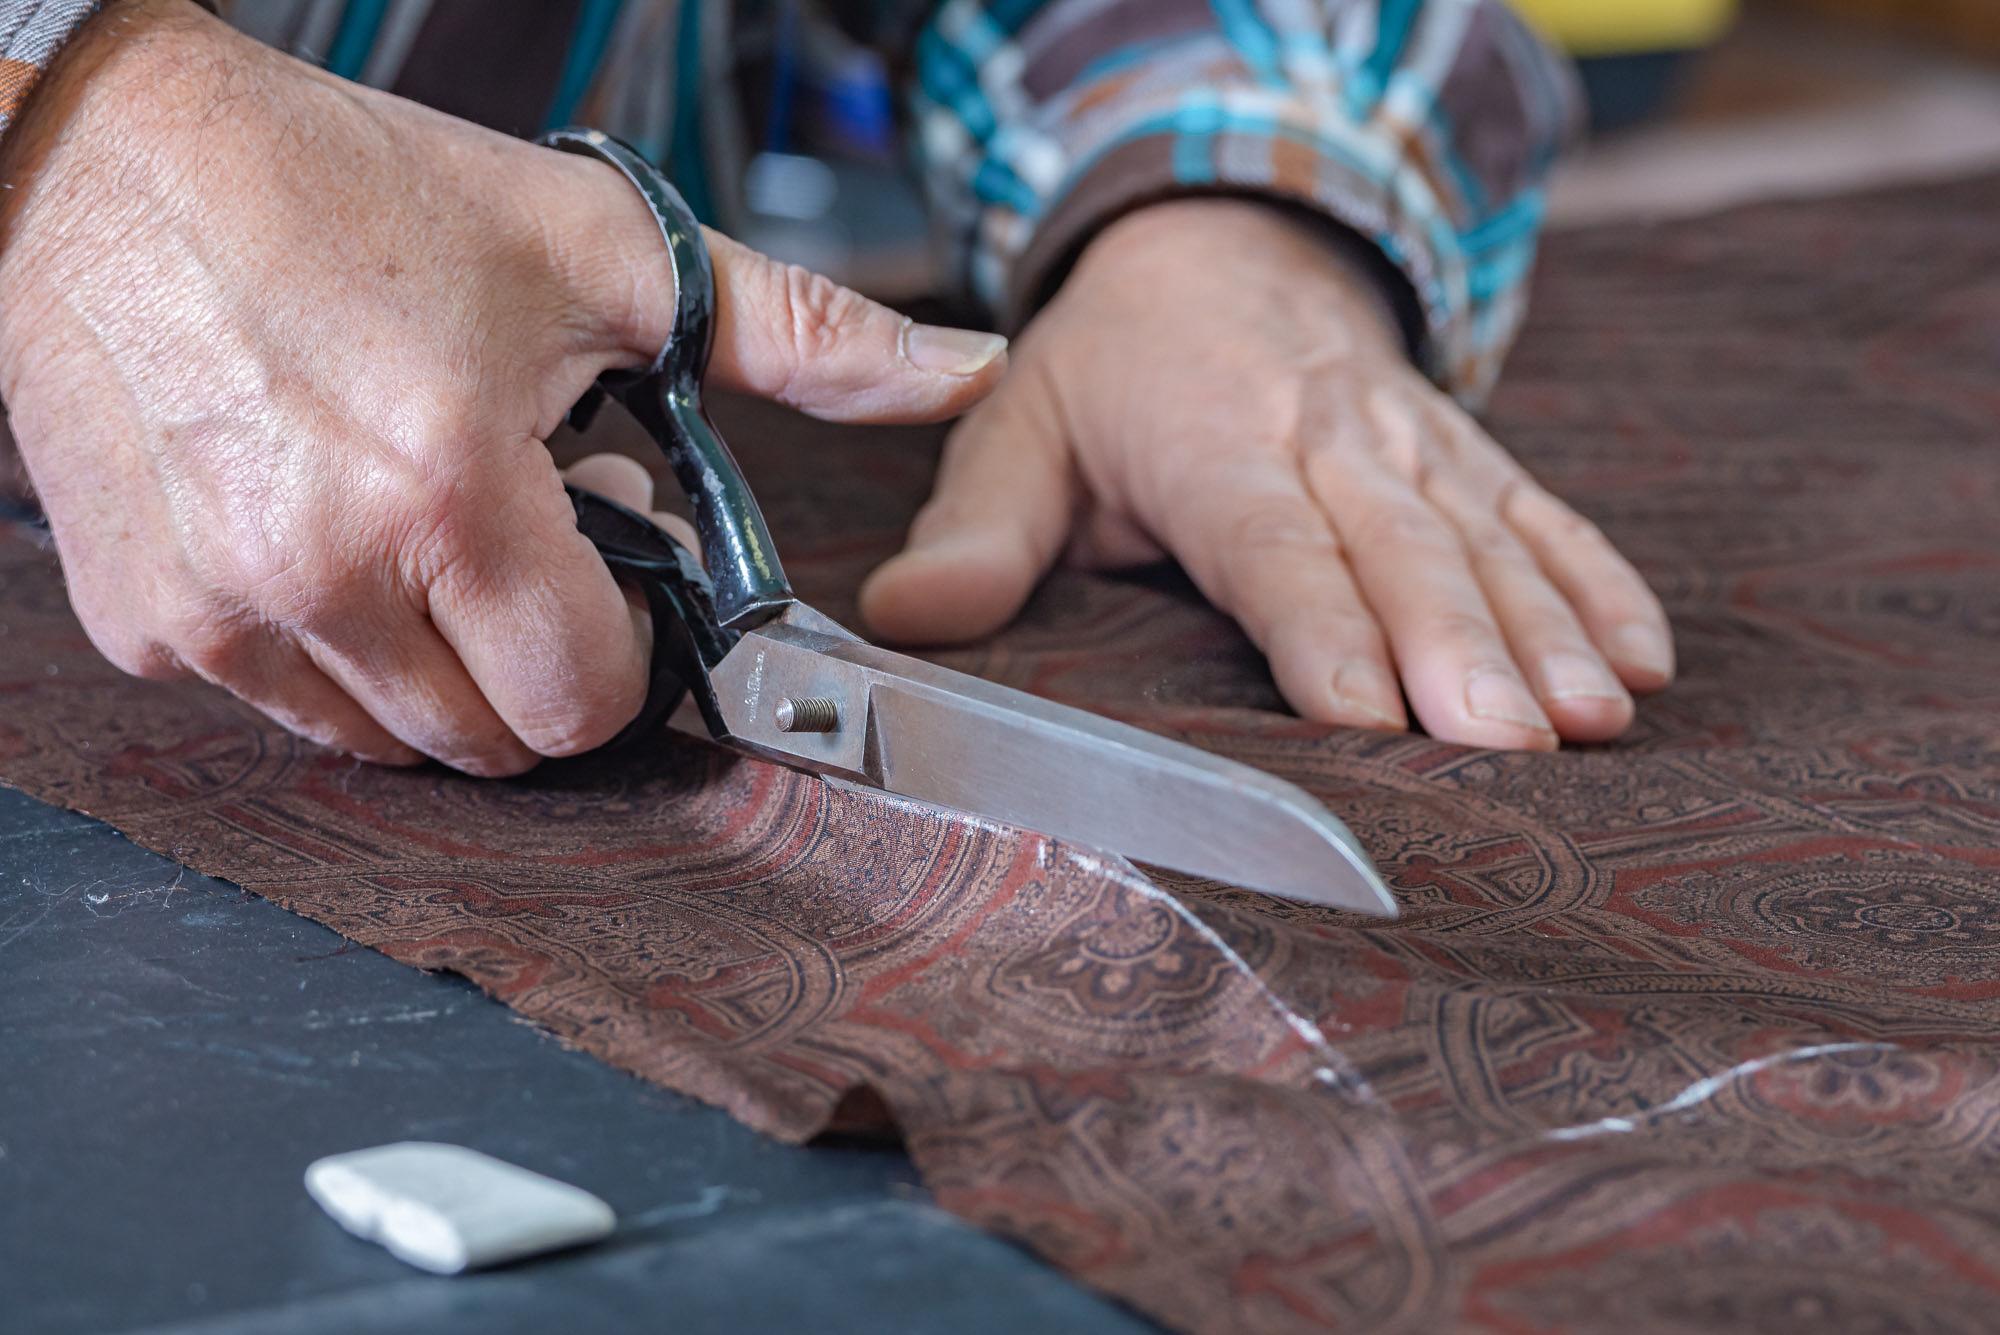 Interpel - Dettaglio di mani che tagliano la pelle